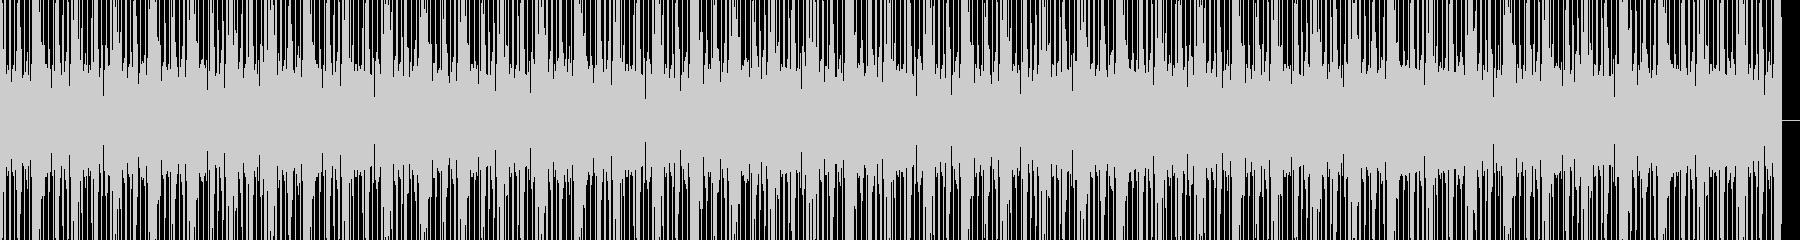 アーバンヒップホップビートの未再生の波形